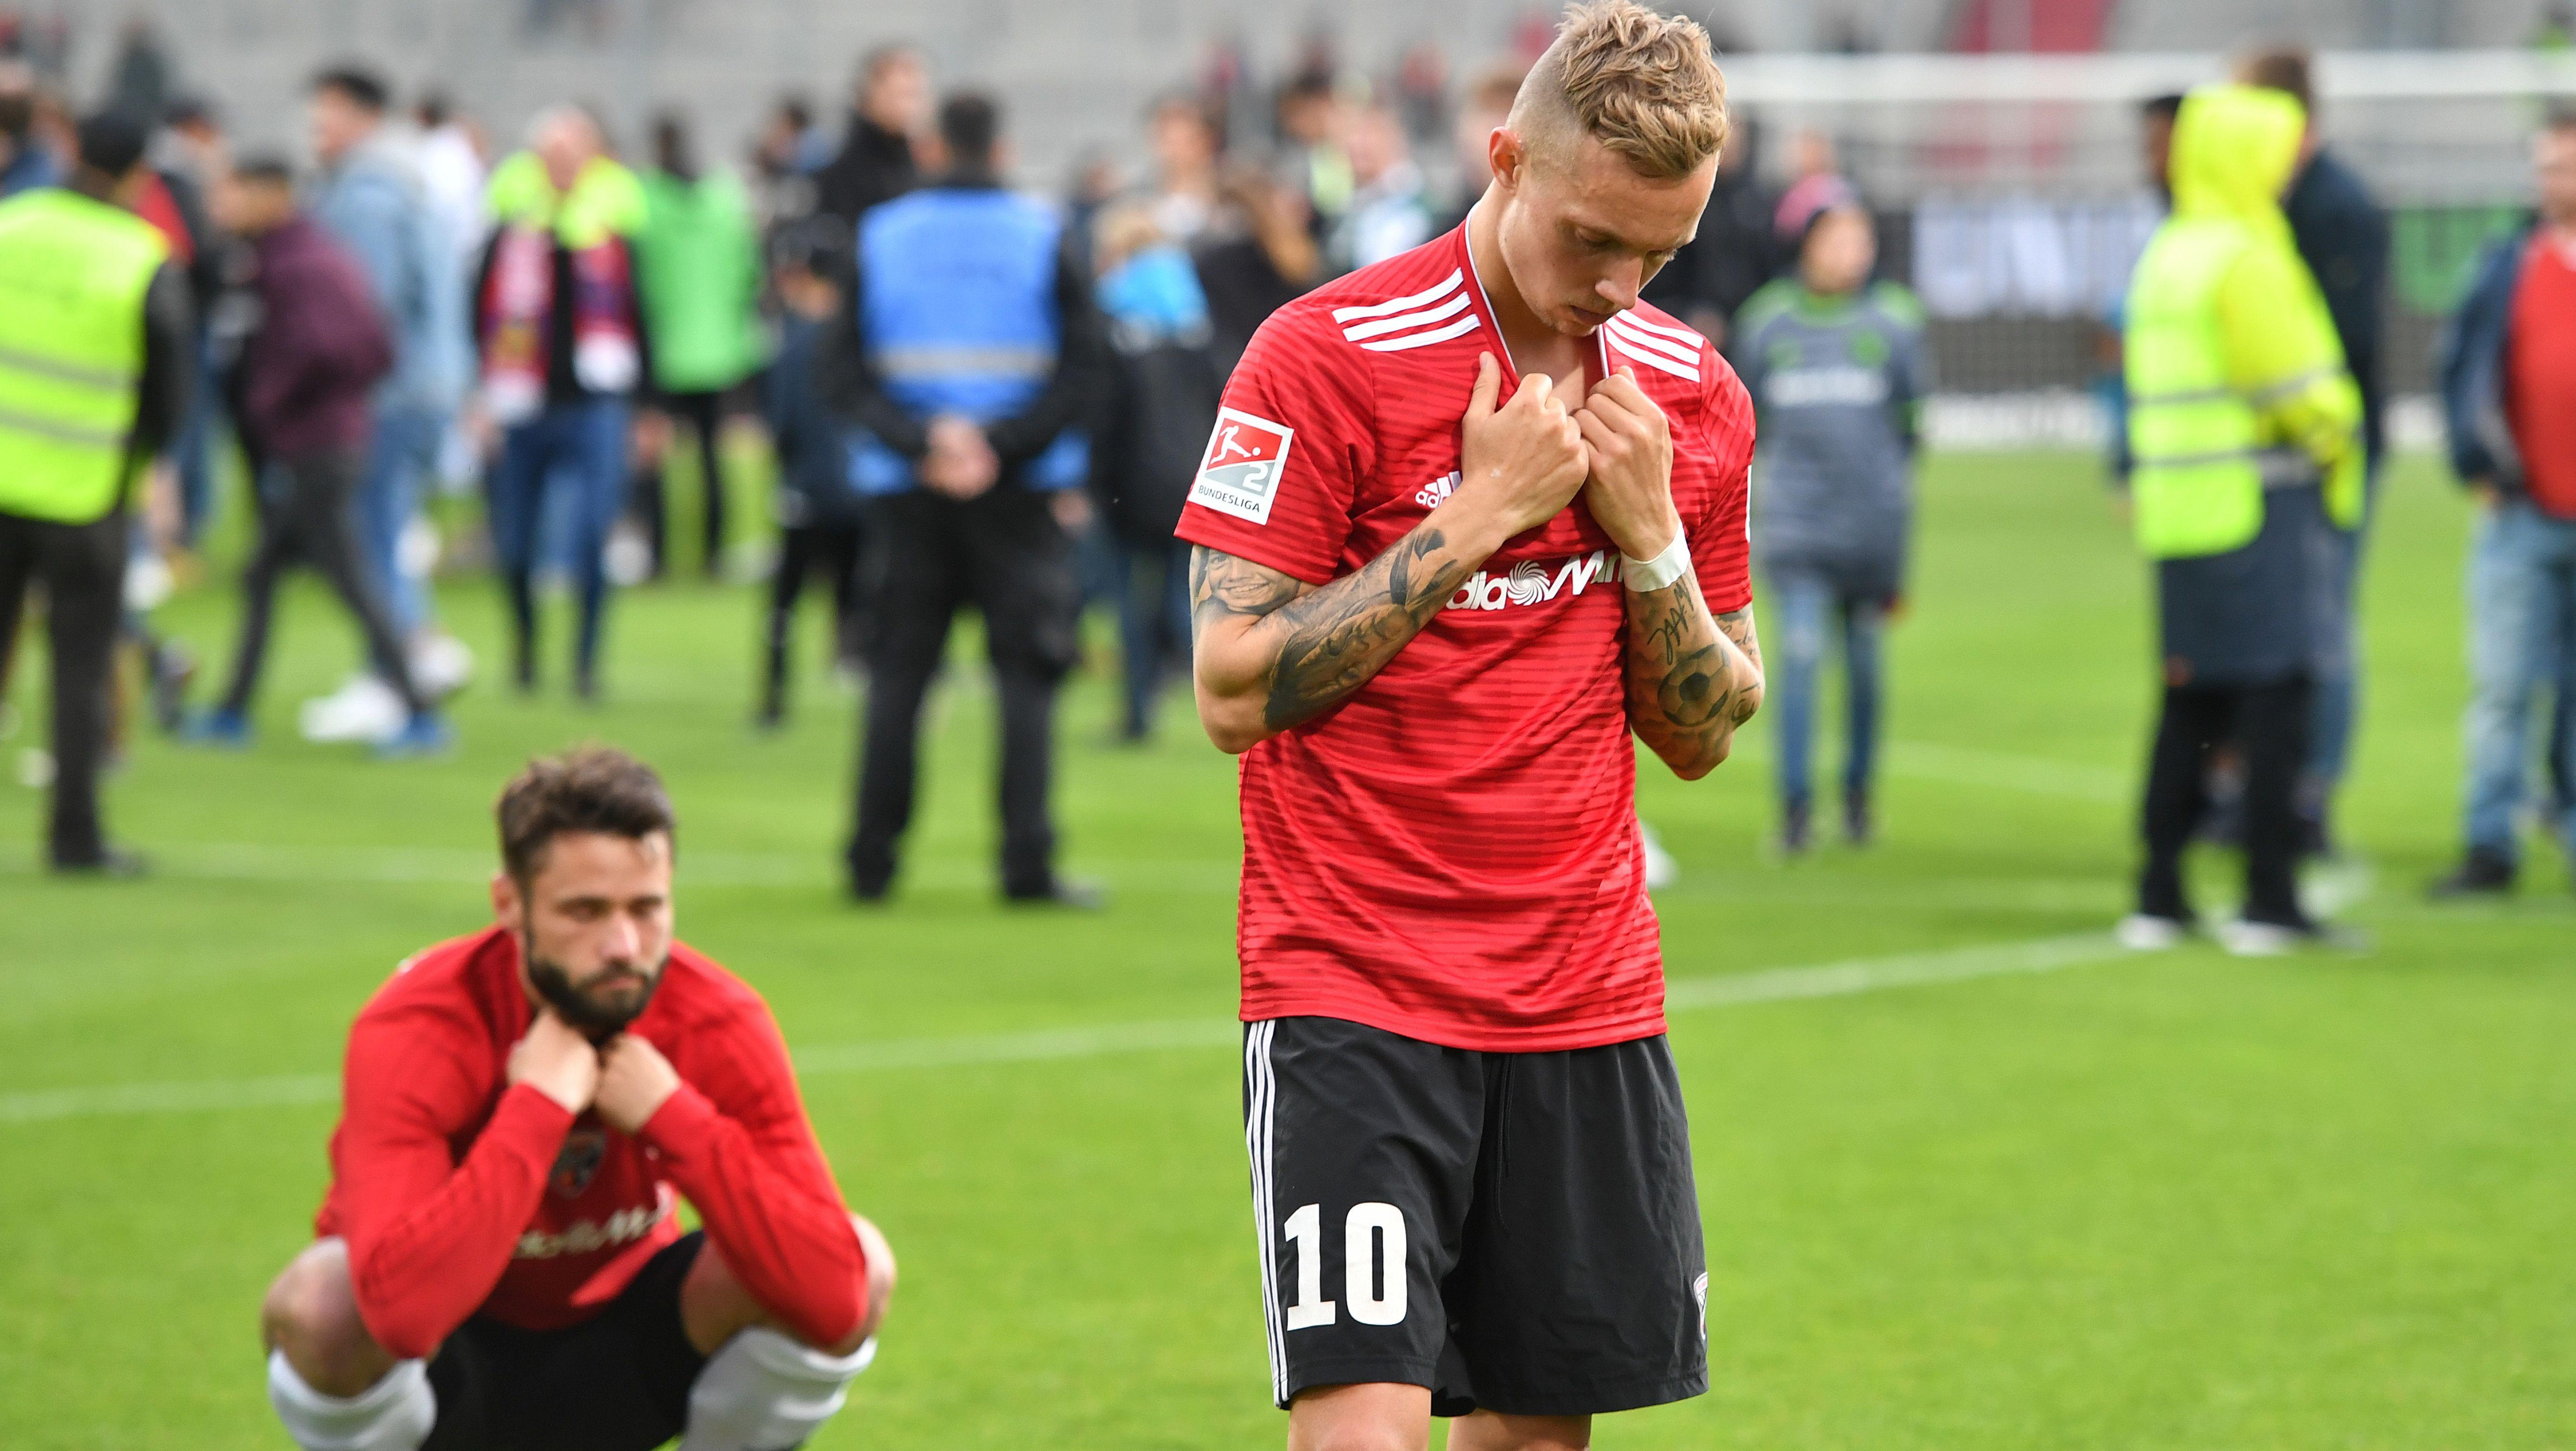 Christian Träsch und Sonny Kittel nach der Niederlage im Relegations-Rückspiel, das den Abstieg besiegelte.